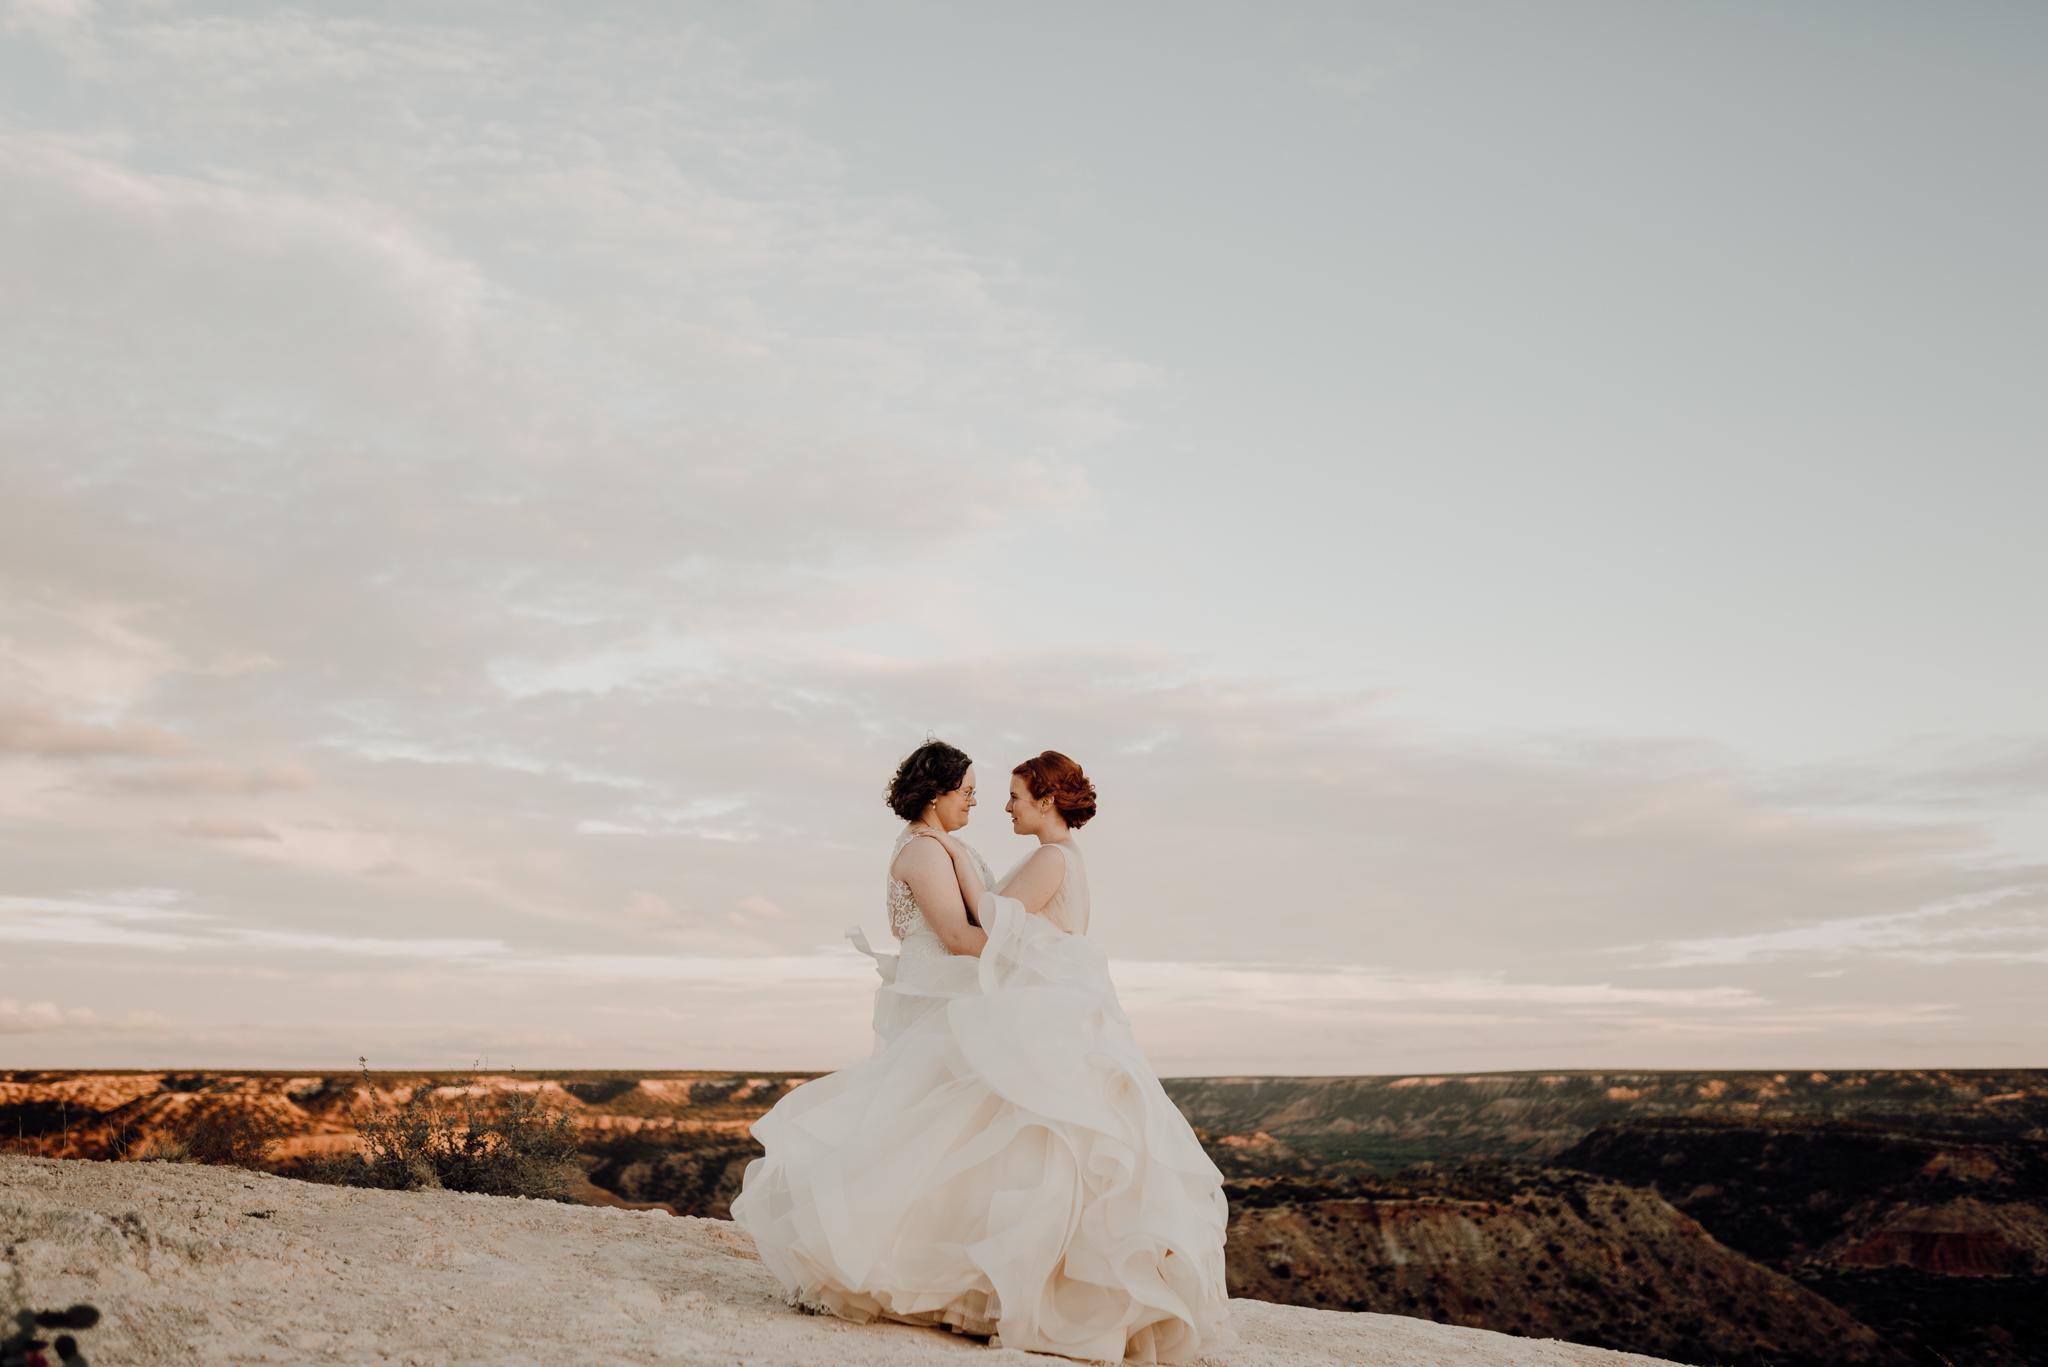 Texas Wedding Photographer-Palo Duro Canyon Sam Sex Wedding- Houston Wedding Photographer -Kristen Giles Photography-37.jpg